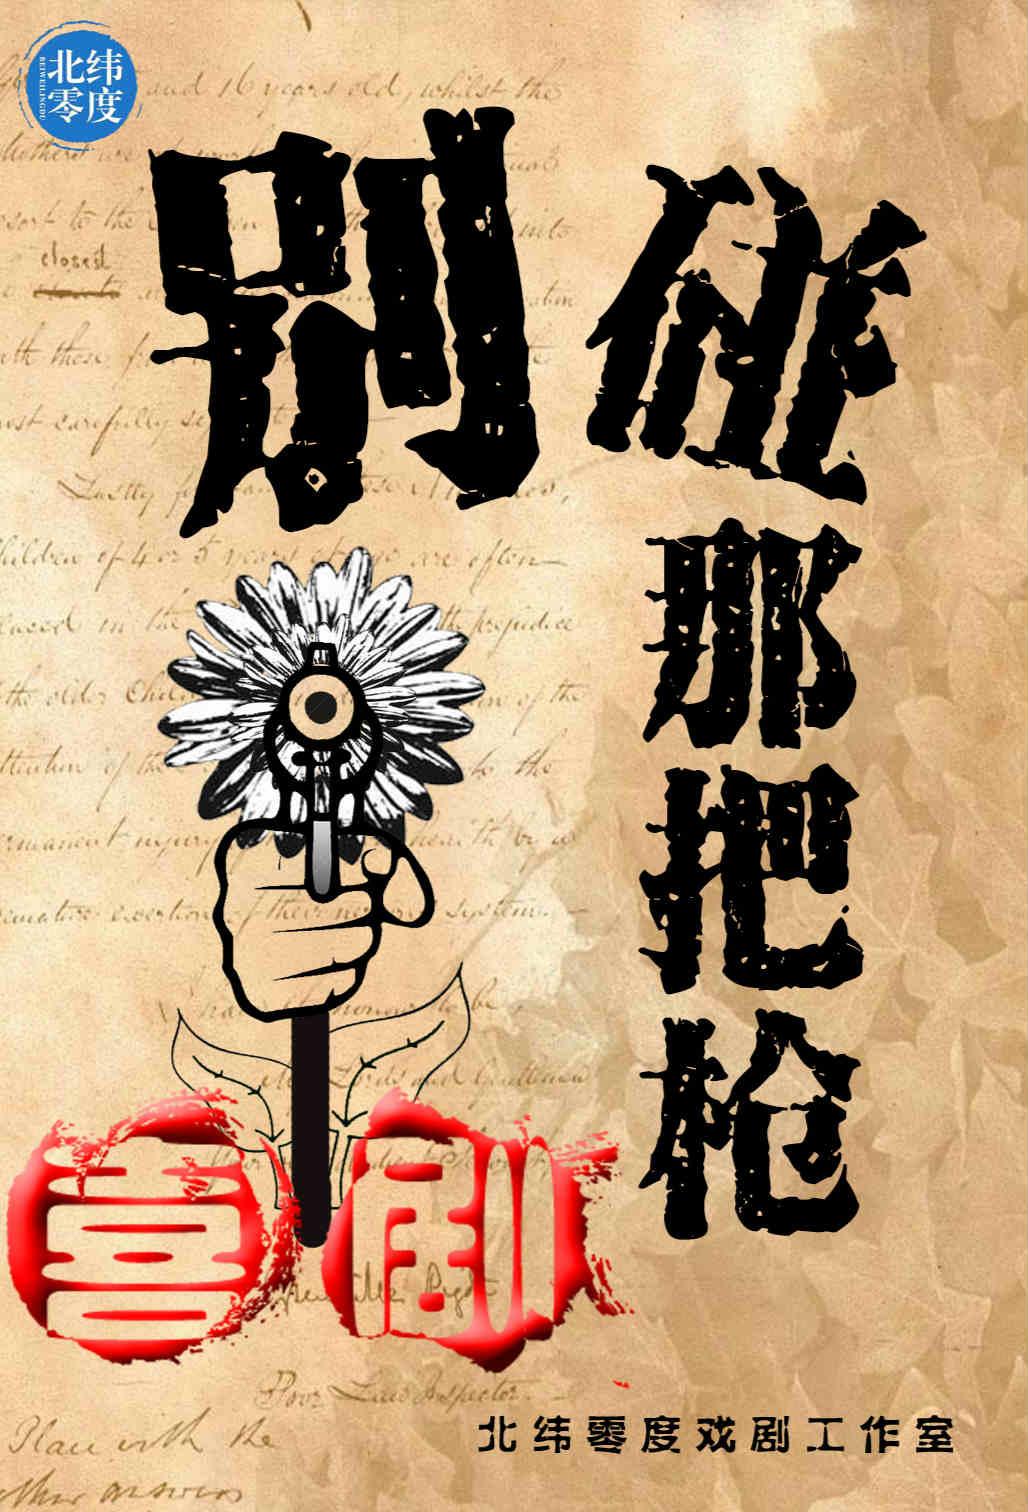 【上海】神反转喜剧《别碰那把枪》北纬零度出品